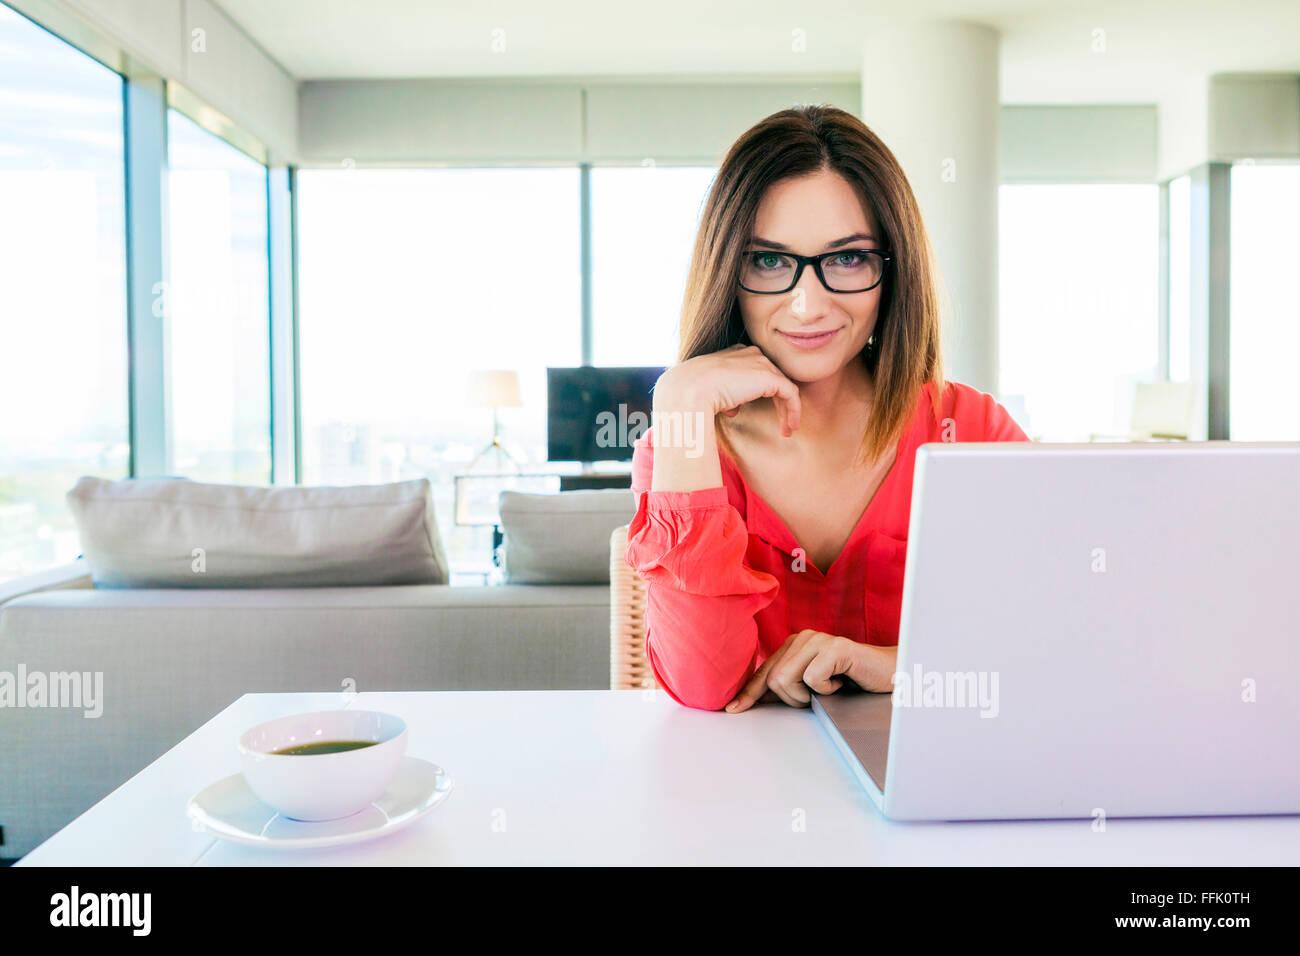 Femme en vacances à l'aide d'un ordinateur portable Photo Stock